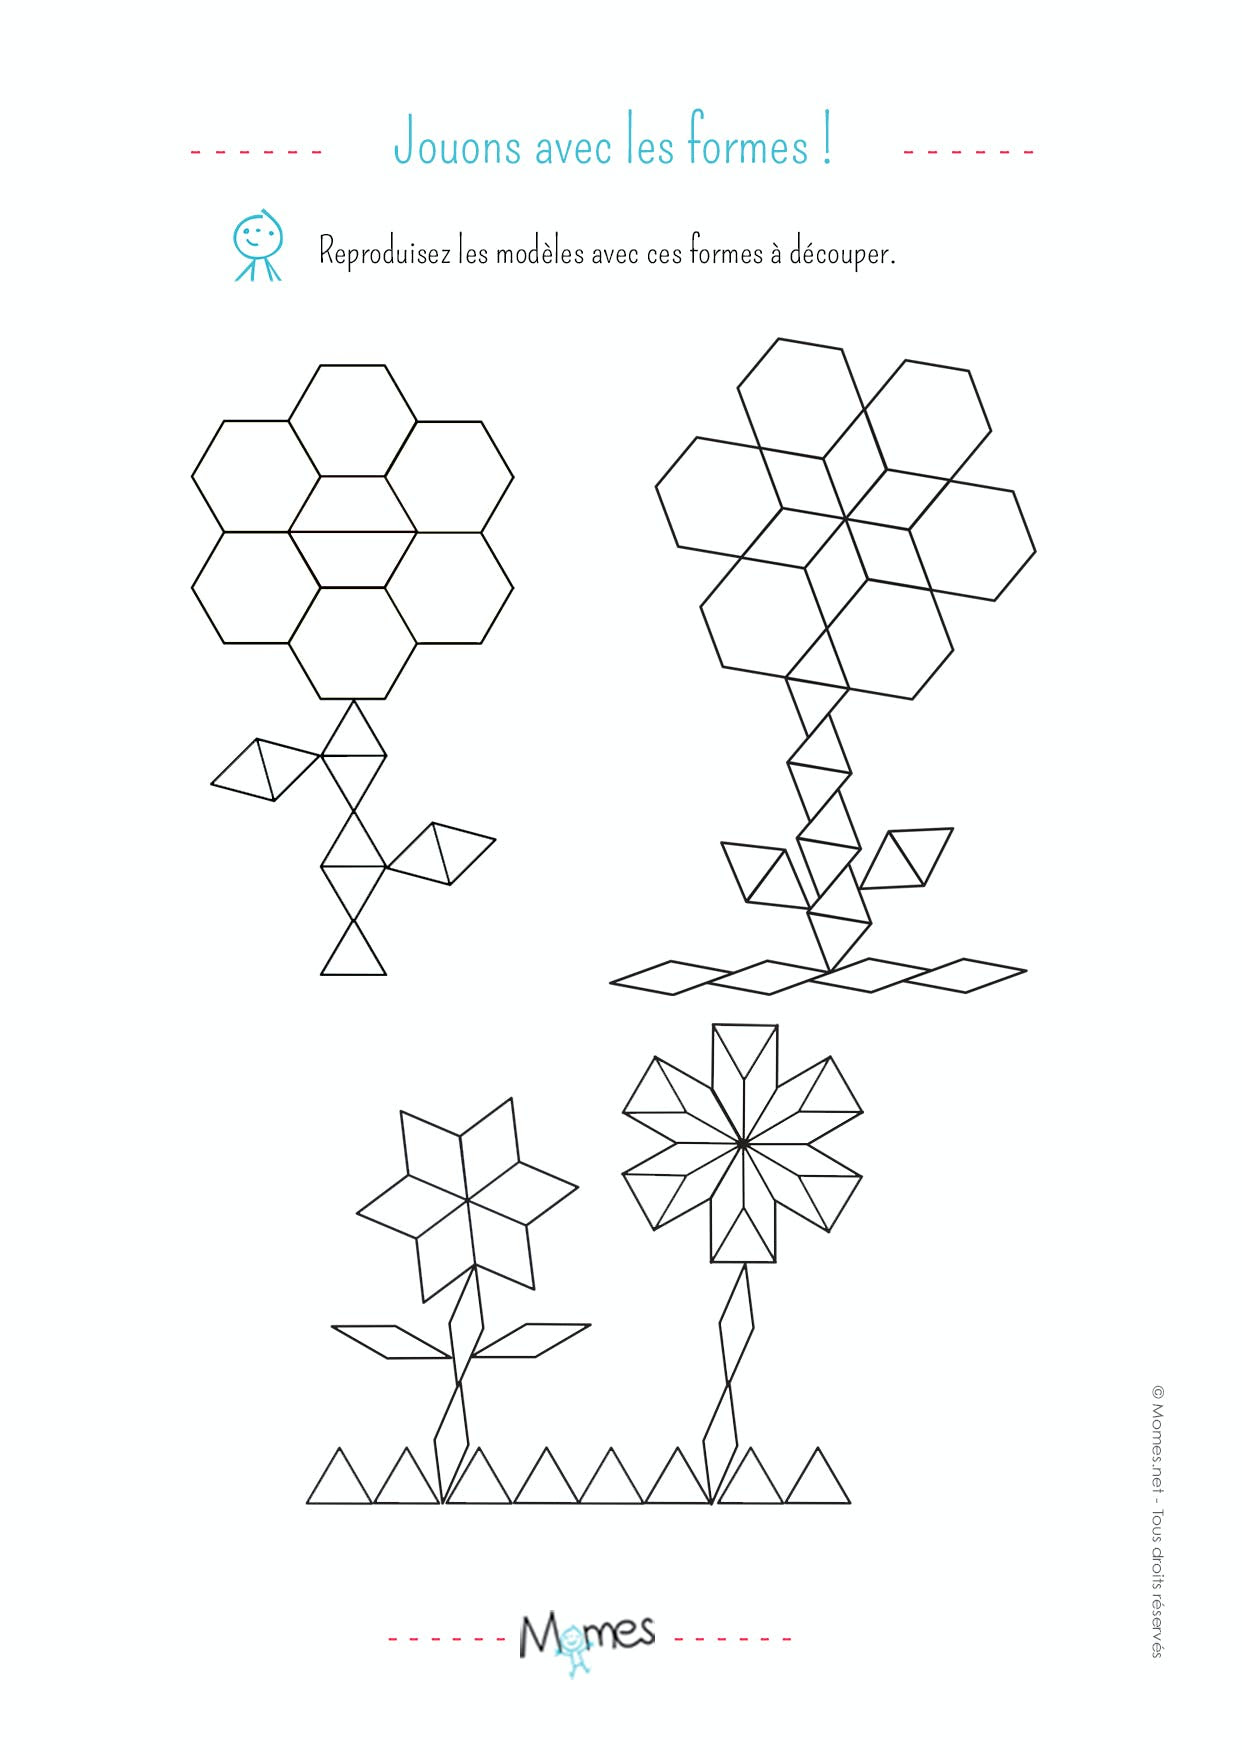 Dessus coloriage formes geometriques imprimer imprimer et obtenir une coloriage gratuit ici - Coloriage geometrique ...